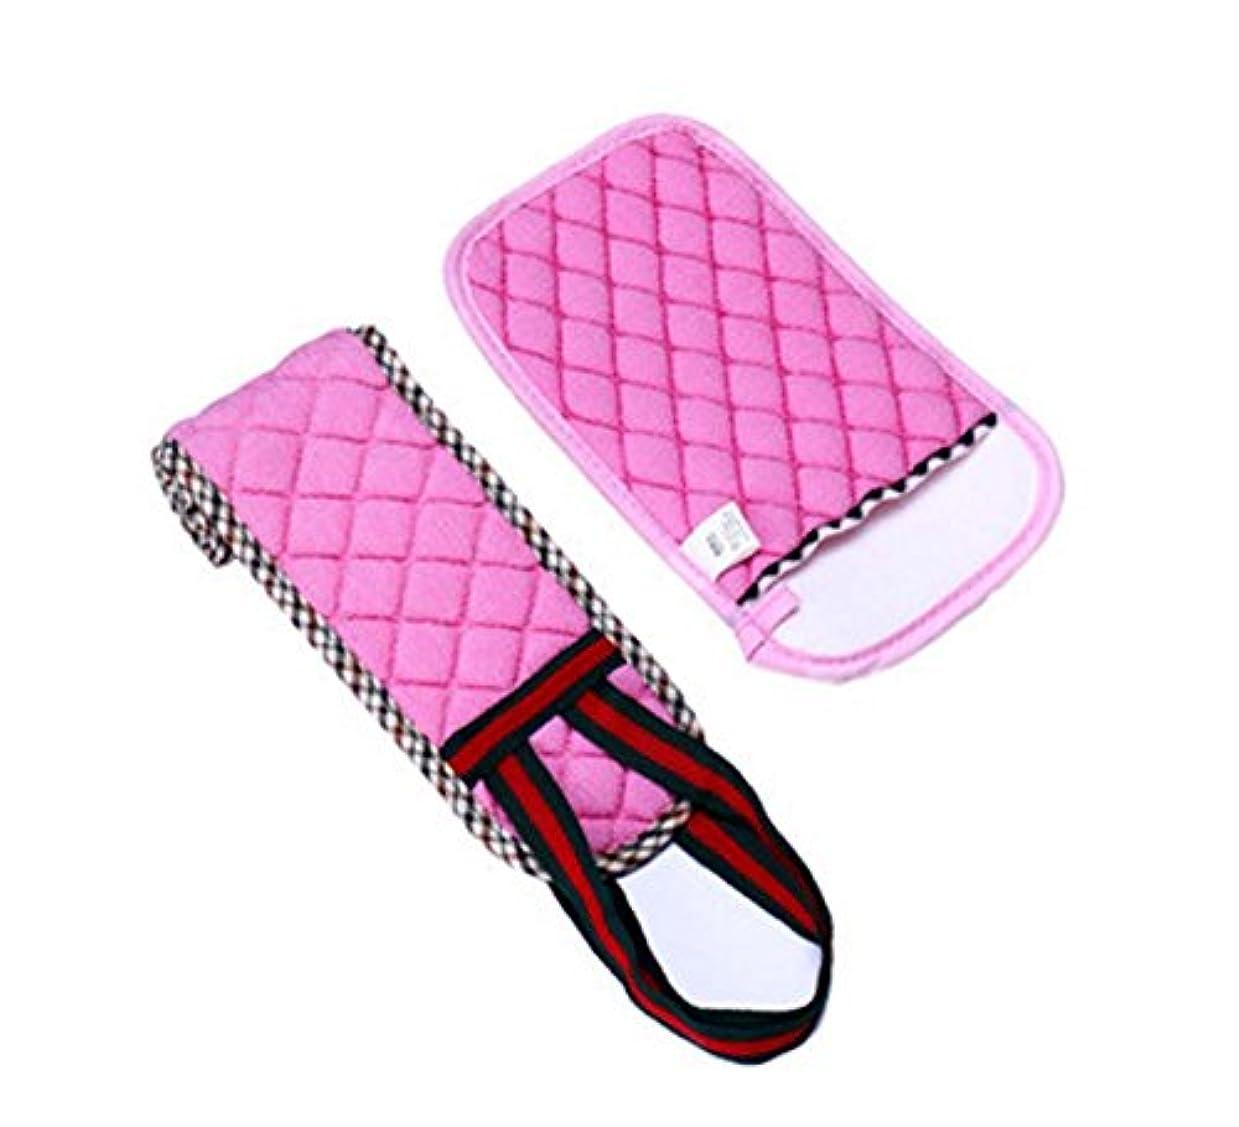 帝国邪悪な洞察力のある2プルバックロングバスタオル/ラブマッドアダルト手袋セット、ピンク